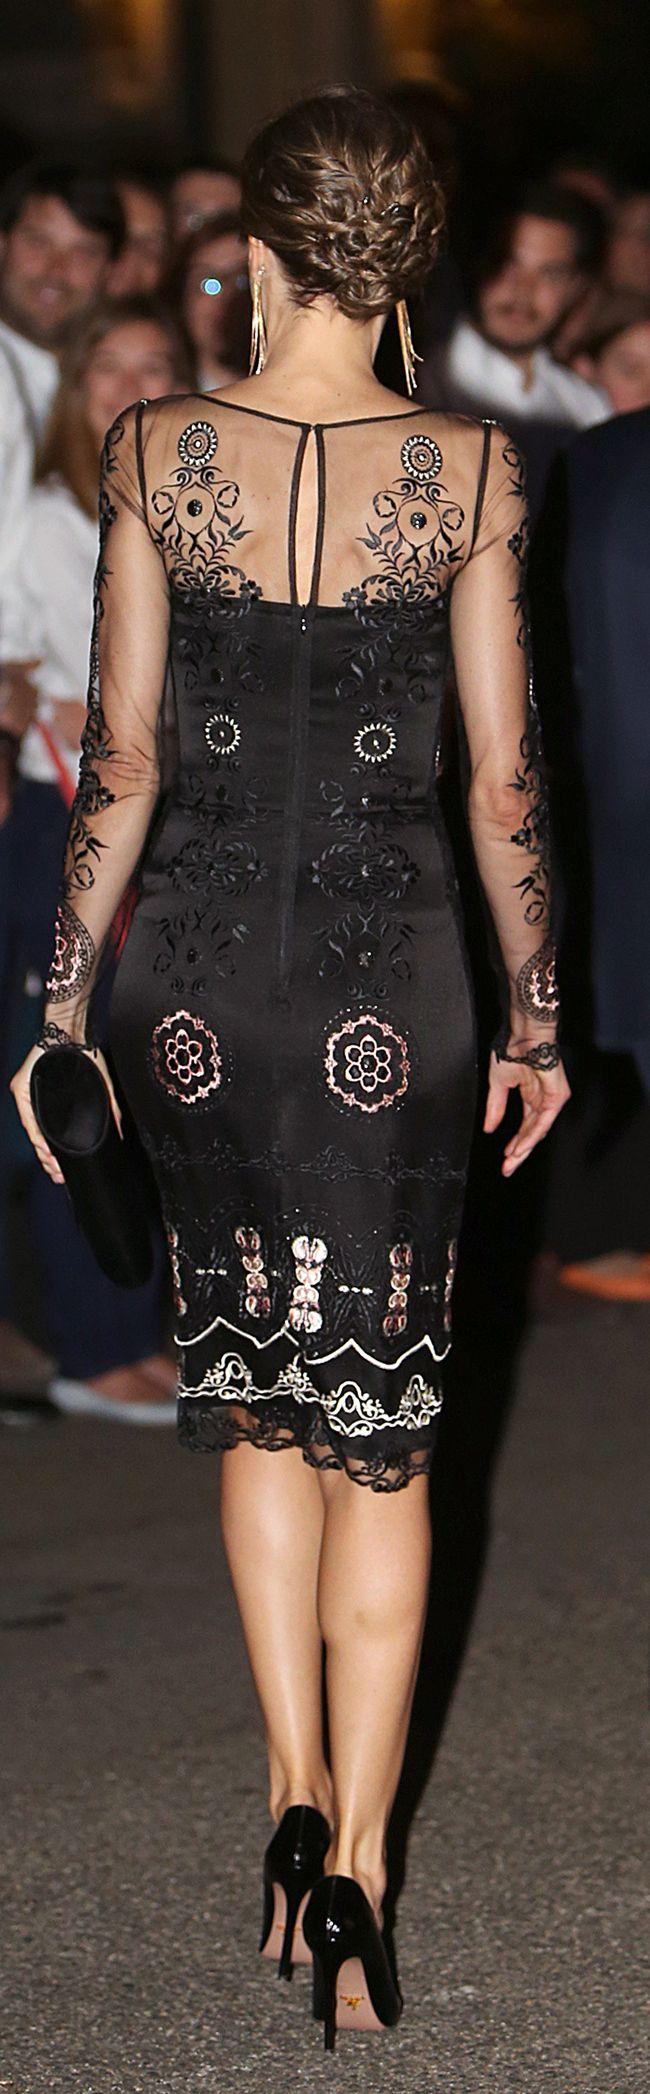 La espalda del vestido, muy sexy y la estupenda silueta de la Reina